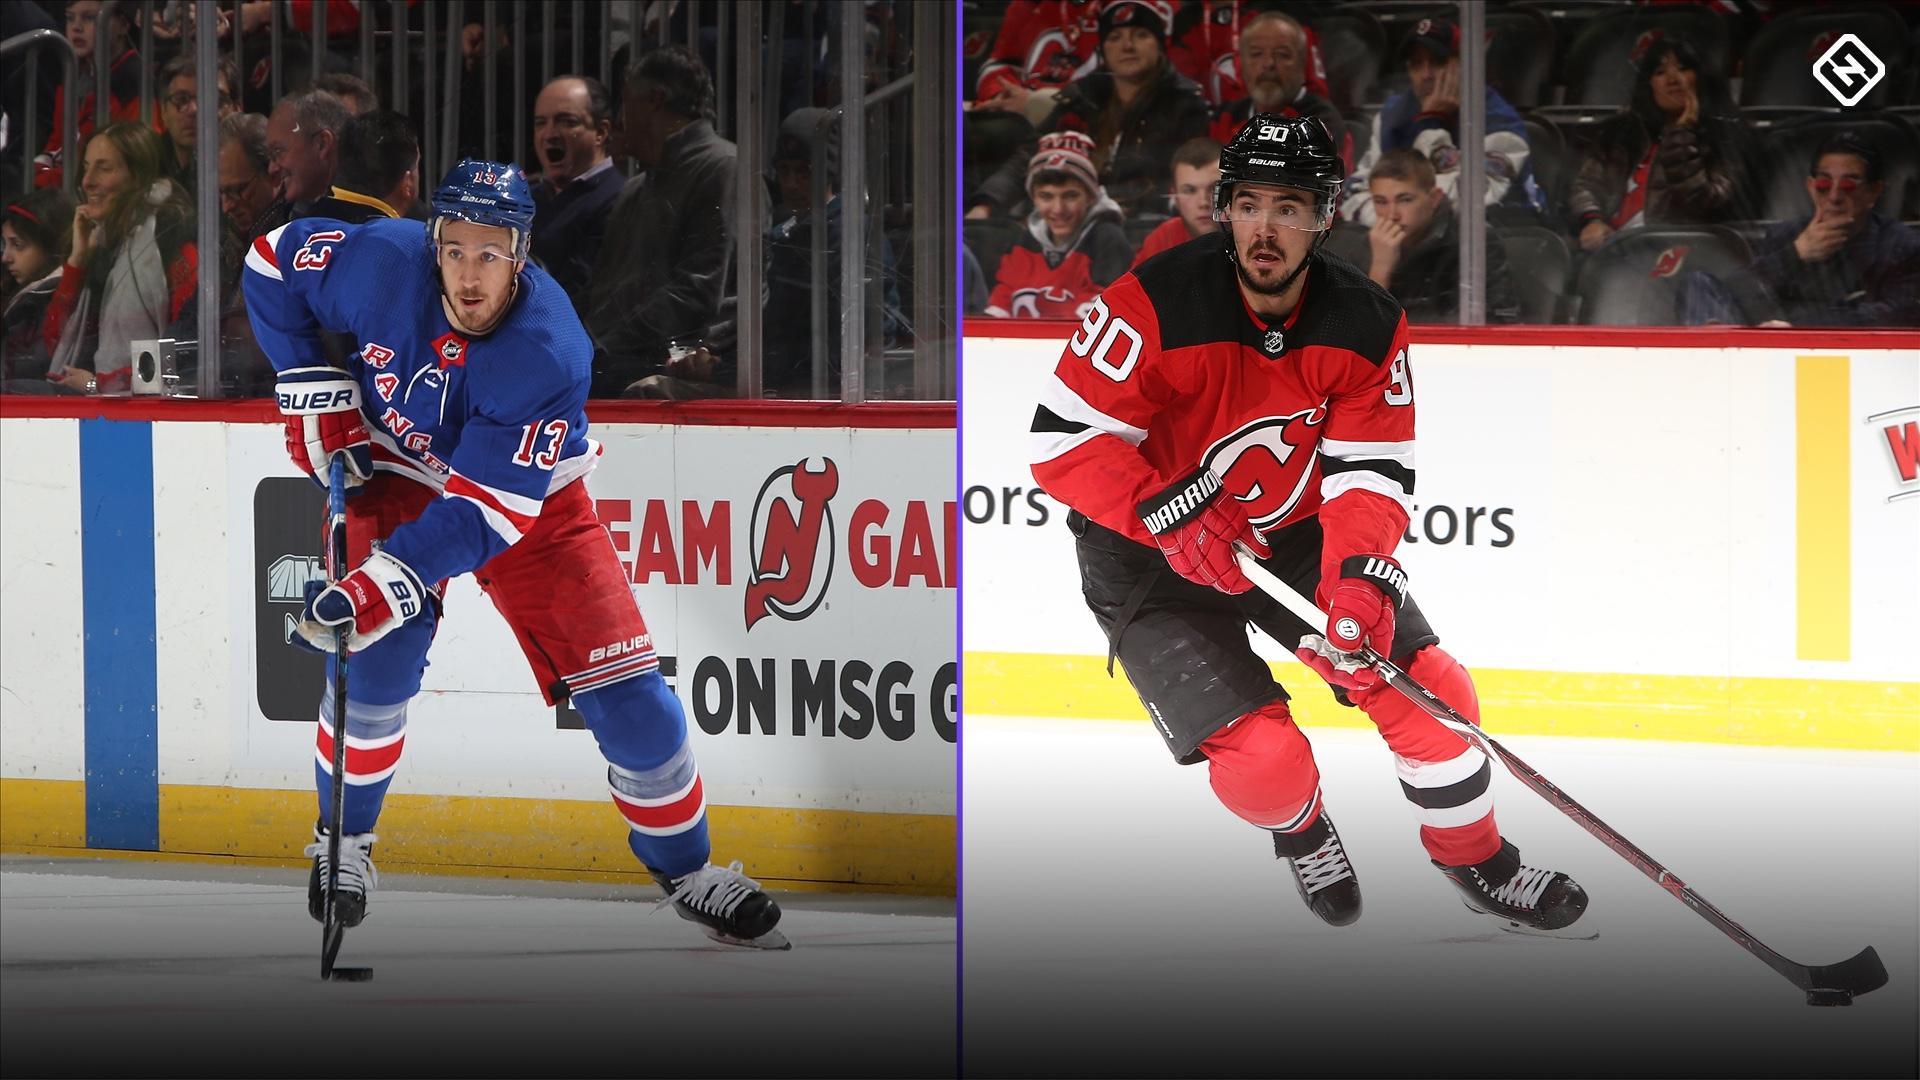 Dallas Stars acquire Mats Zuccarello in trade with New York Rangers